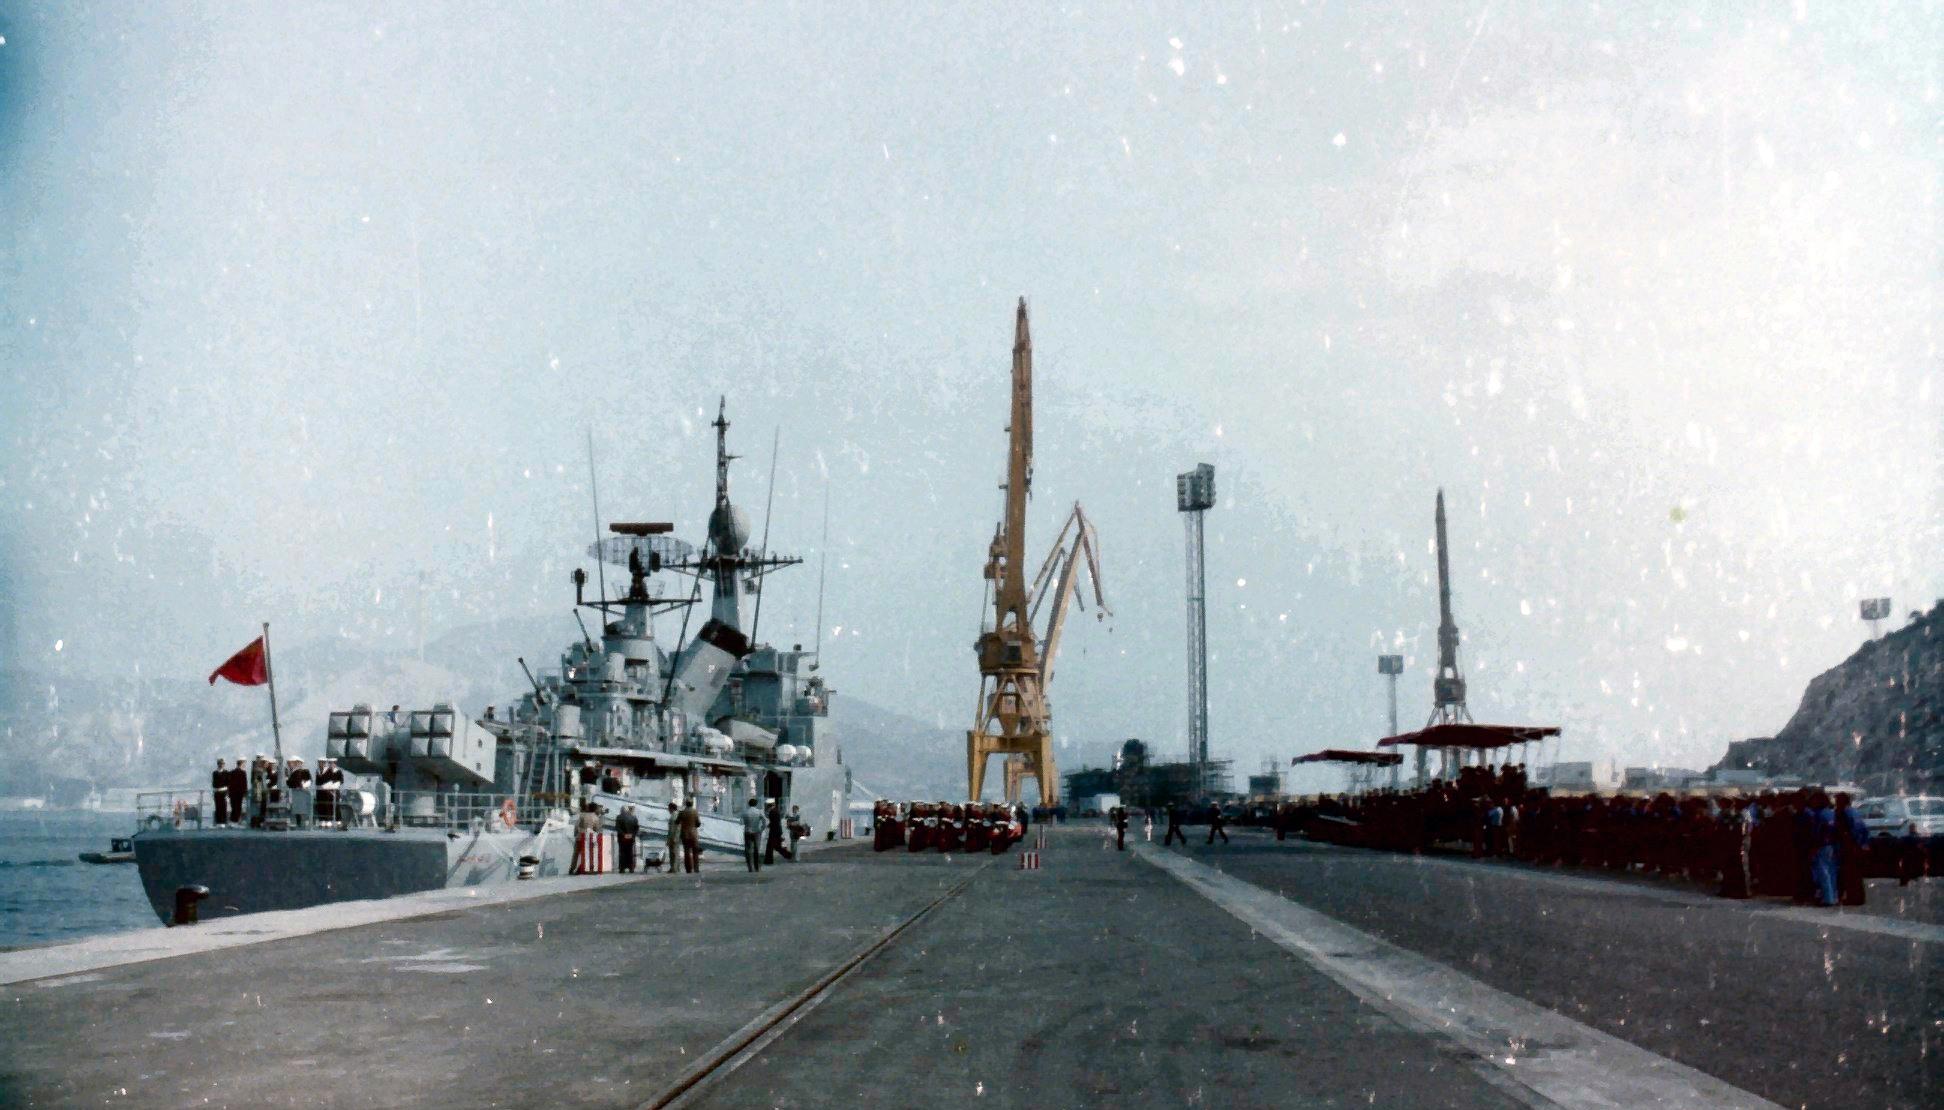 Royal Moroccan Navy Descubierta Frigate / Corvette Lt Cl Errahmani - Bâtiment École - Page 4 Clipb536